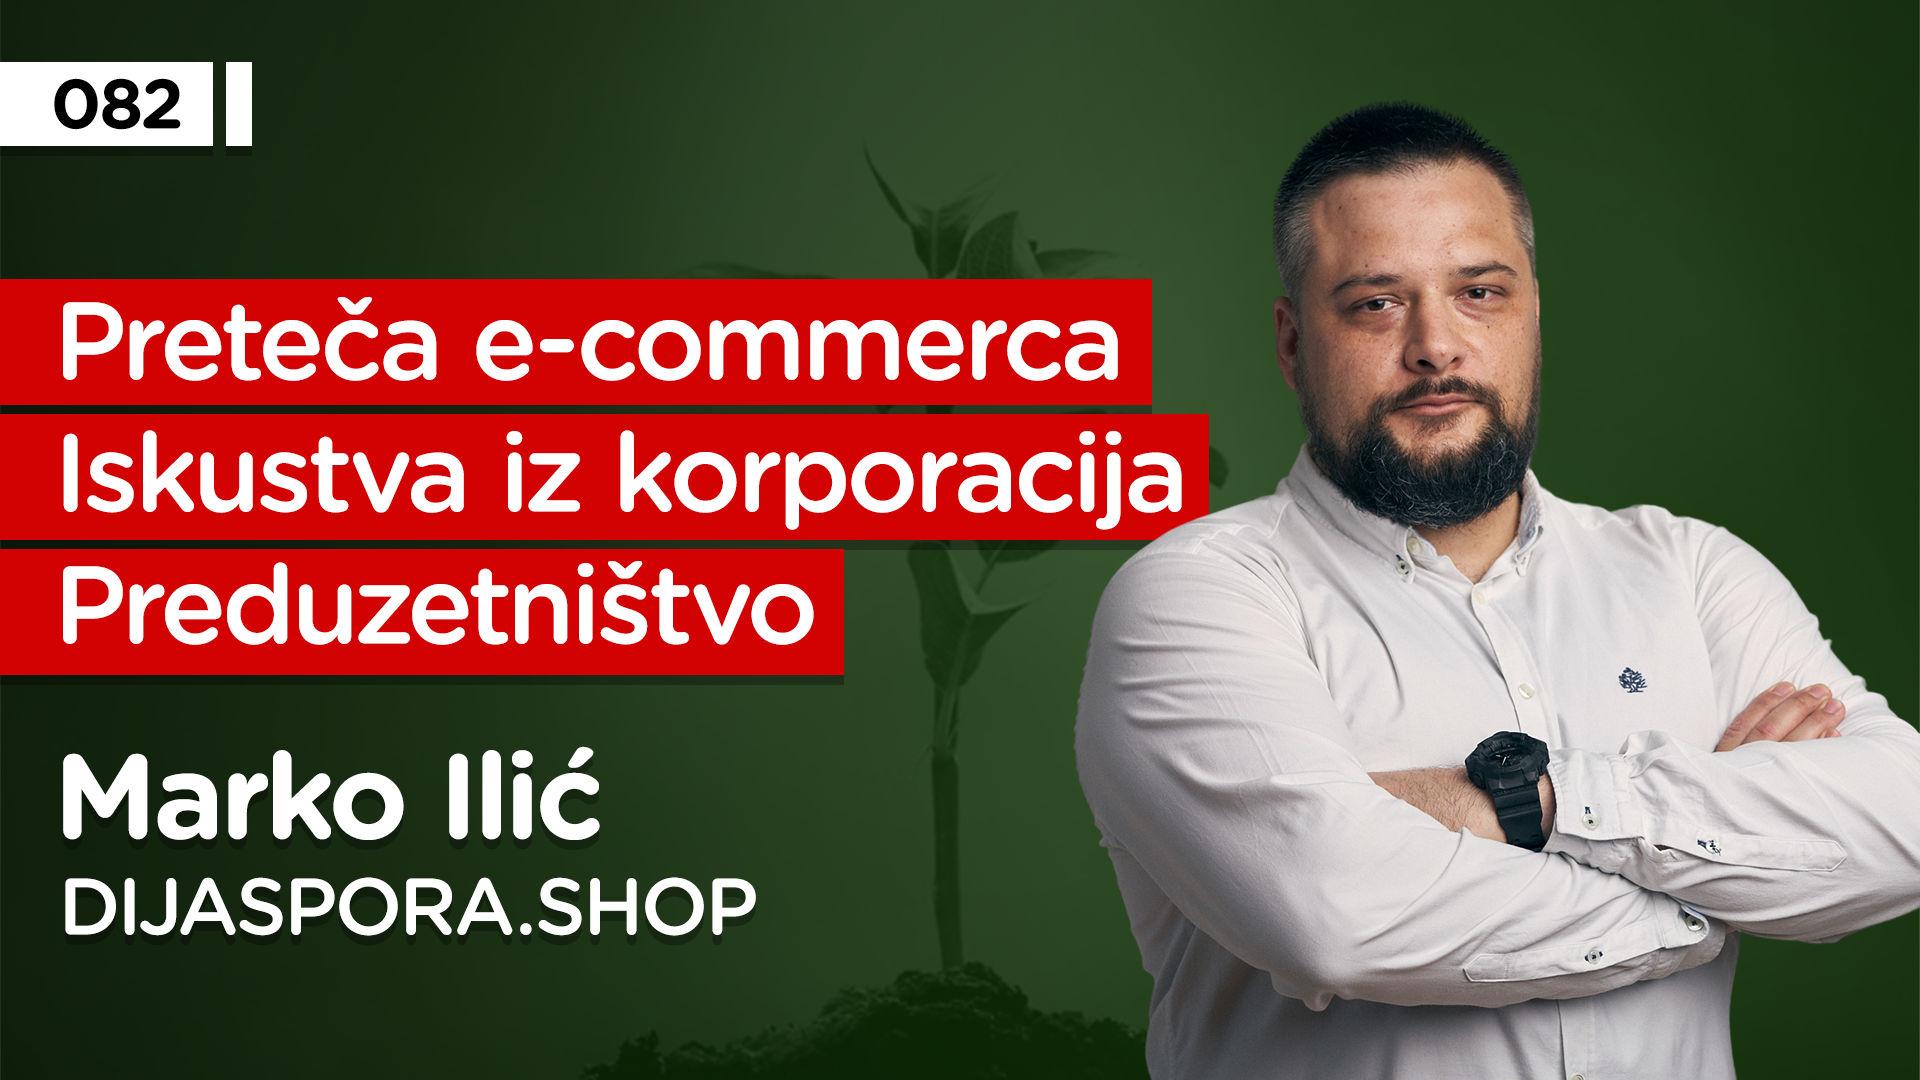 EP082: Marko Ilić